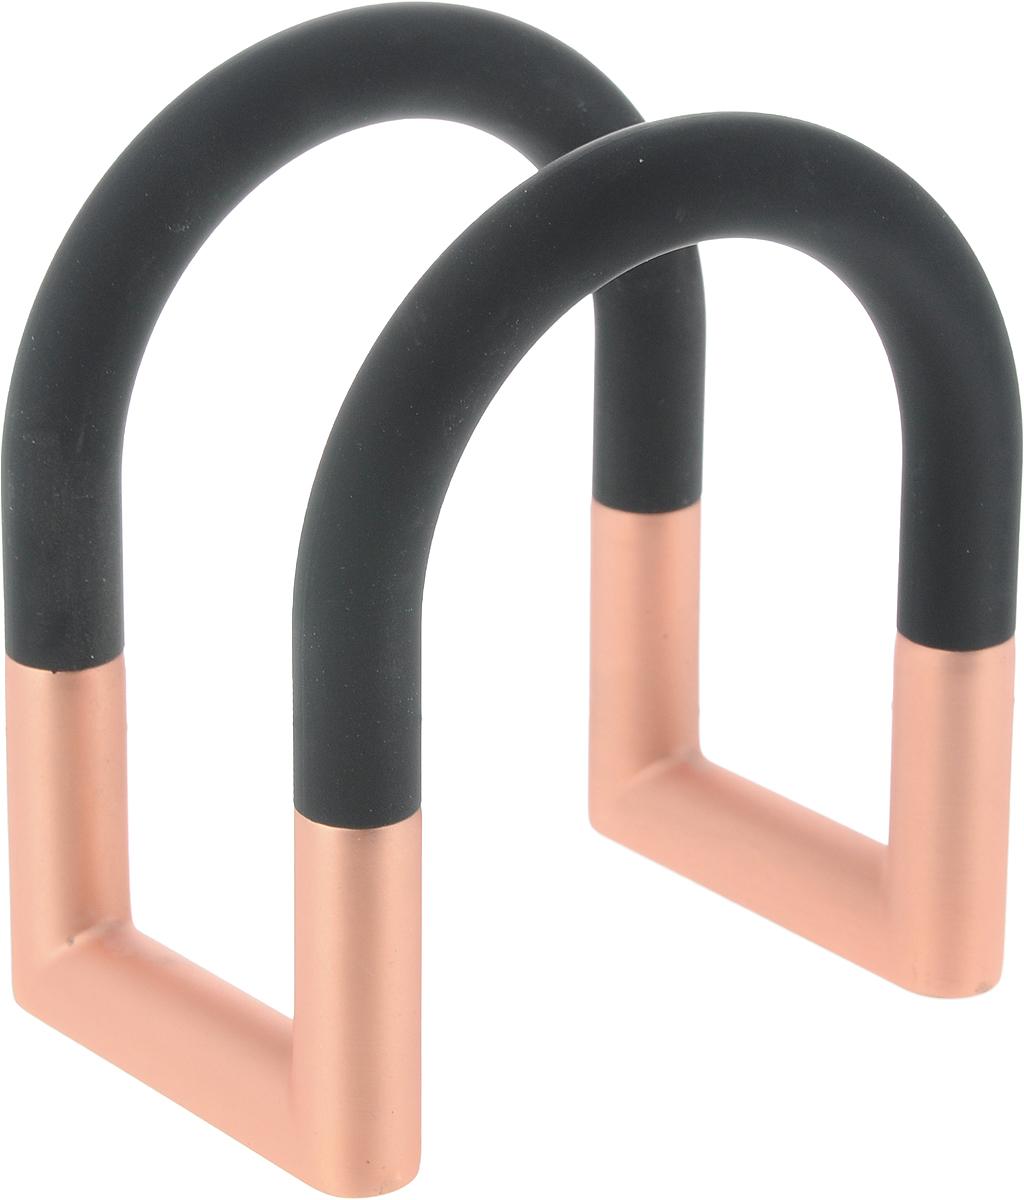 Салфетница Umbra Swivel, цвет: черный, медный, 11,5 х 6,9 х 9,6 см115510Ни один званый ужин или праздничный обед не обходится без салфеток, поэтому к выбору этого изделия следует подойти обдуманно. Салфетница Umbra Swivel изготовлена из пластика и шлифованного металла с пружинным механизмом. Данная модель прочна и устойчива к деформации. Благодаря пружинному механизму вы сможете разместить нужное количество салфеток. Салфетница вытягивается по диагонали, что уменьшает расстояние внутри. Дно оснащено резиновыми ножками, что предотвратит скольжение салфетницы по столу.Салфетница Umbra Swivel - это не только прекрасный подарок близкому человеку или друзьям, но и великолепный предмет декора, наполняющий ваш дом уютом и гармонией. Она поможет оформить стол так, чтобы все гости могли почувствовать радостное ощущение праздника.Размеры салфетницы: 11,5 х 6,9 х 9,6 см.